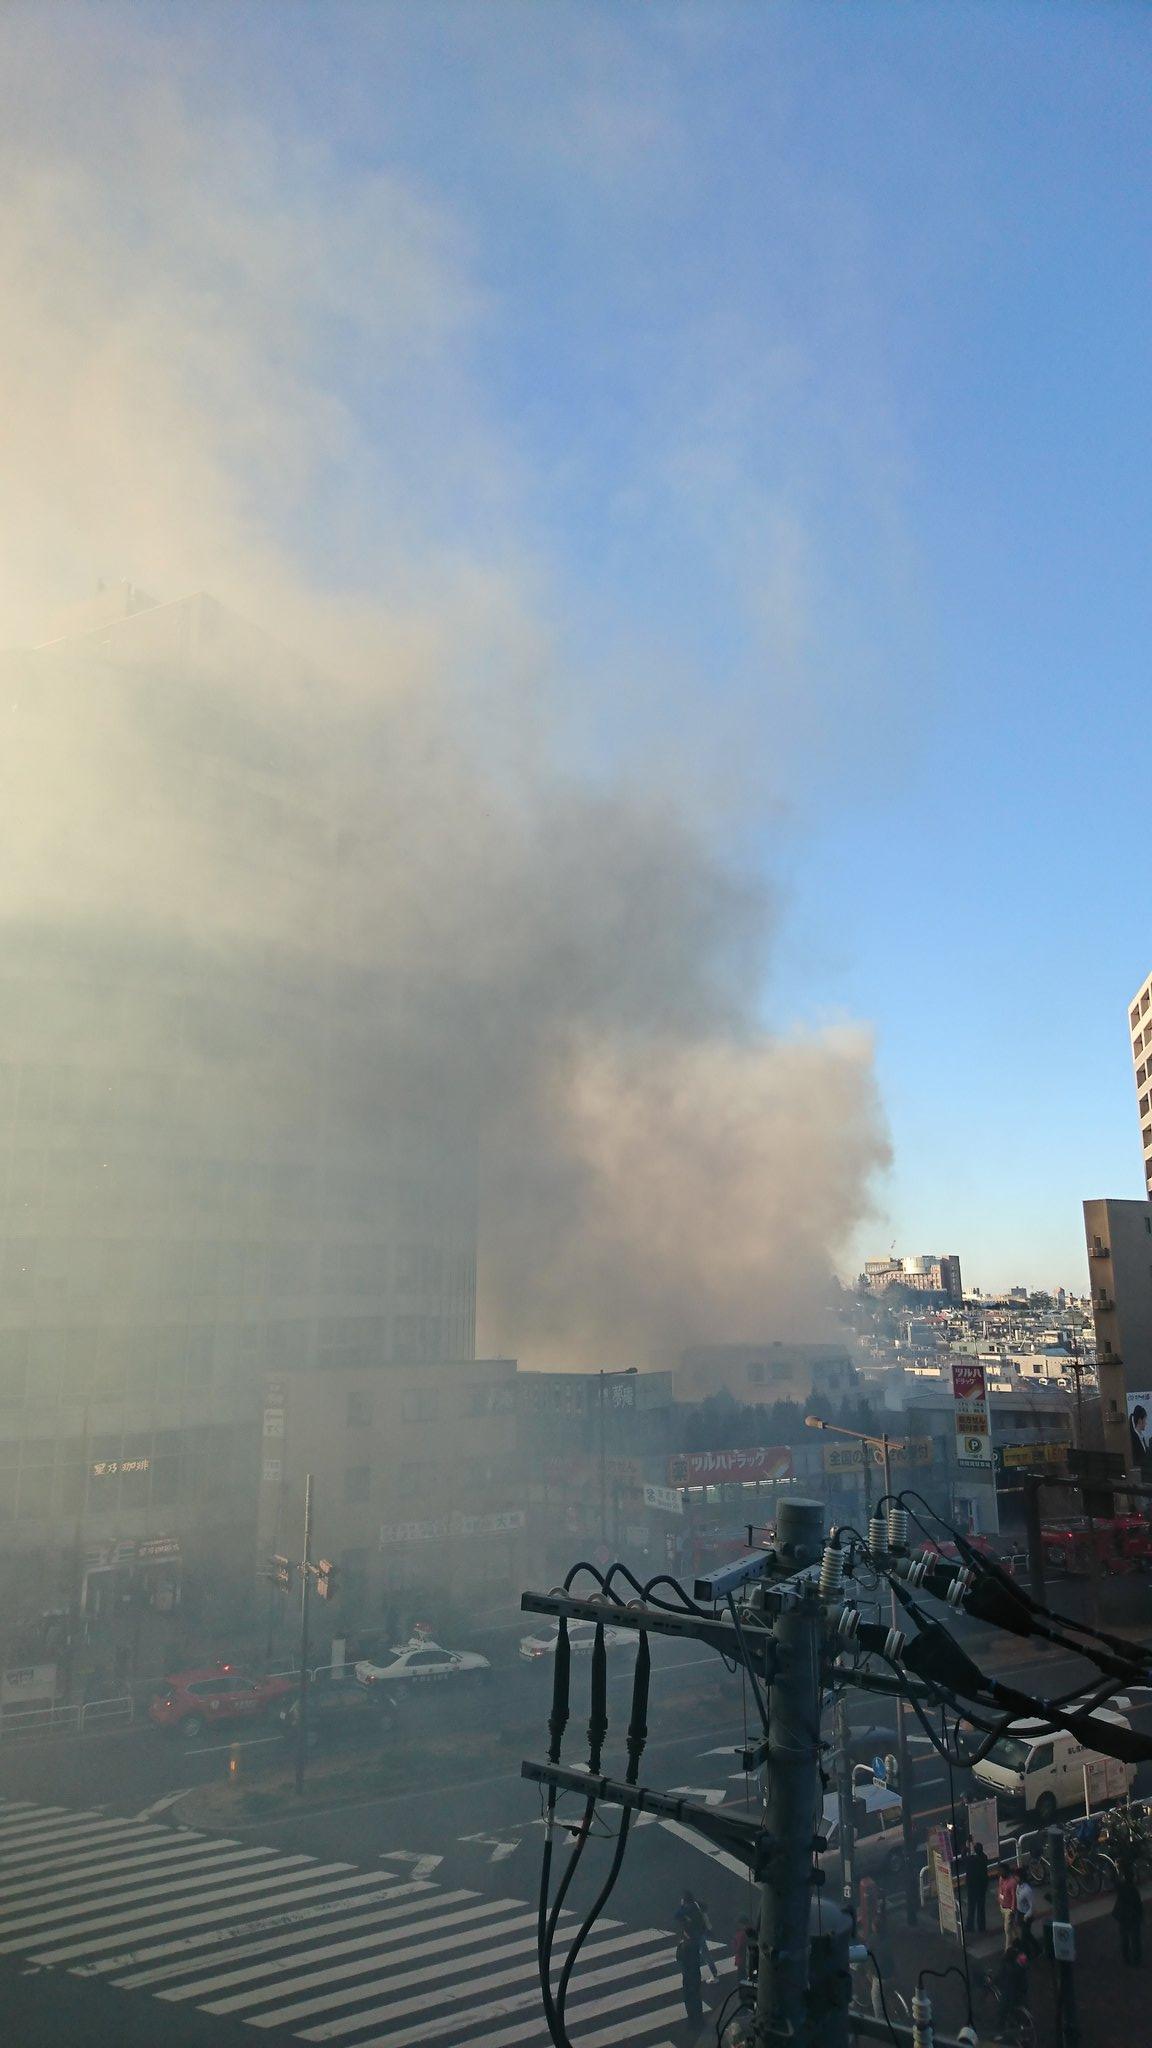 新宿区上落合で大規模な火事が起きている現場画像